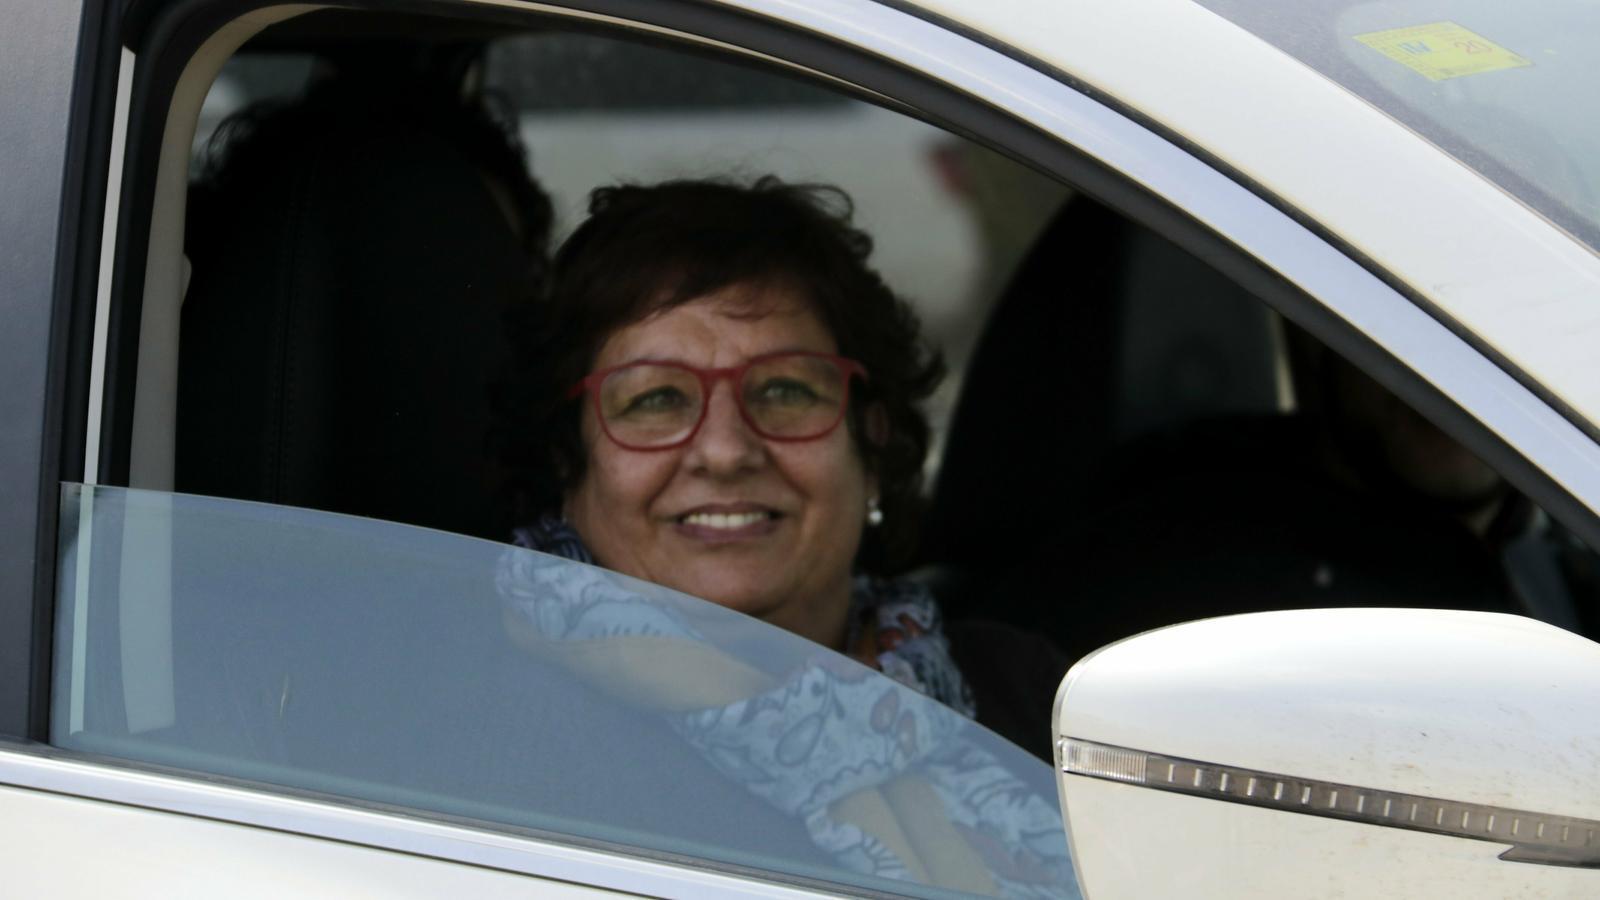 L'exconsellera Dolors Bassa, aquest dilluns sortint en cotxe de Puig de les Basses